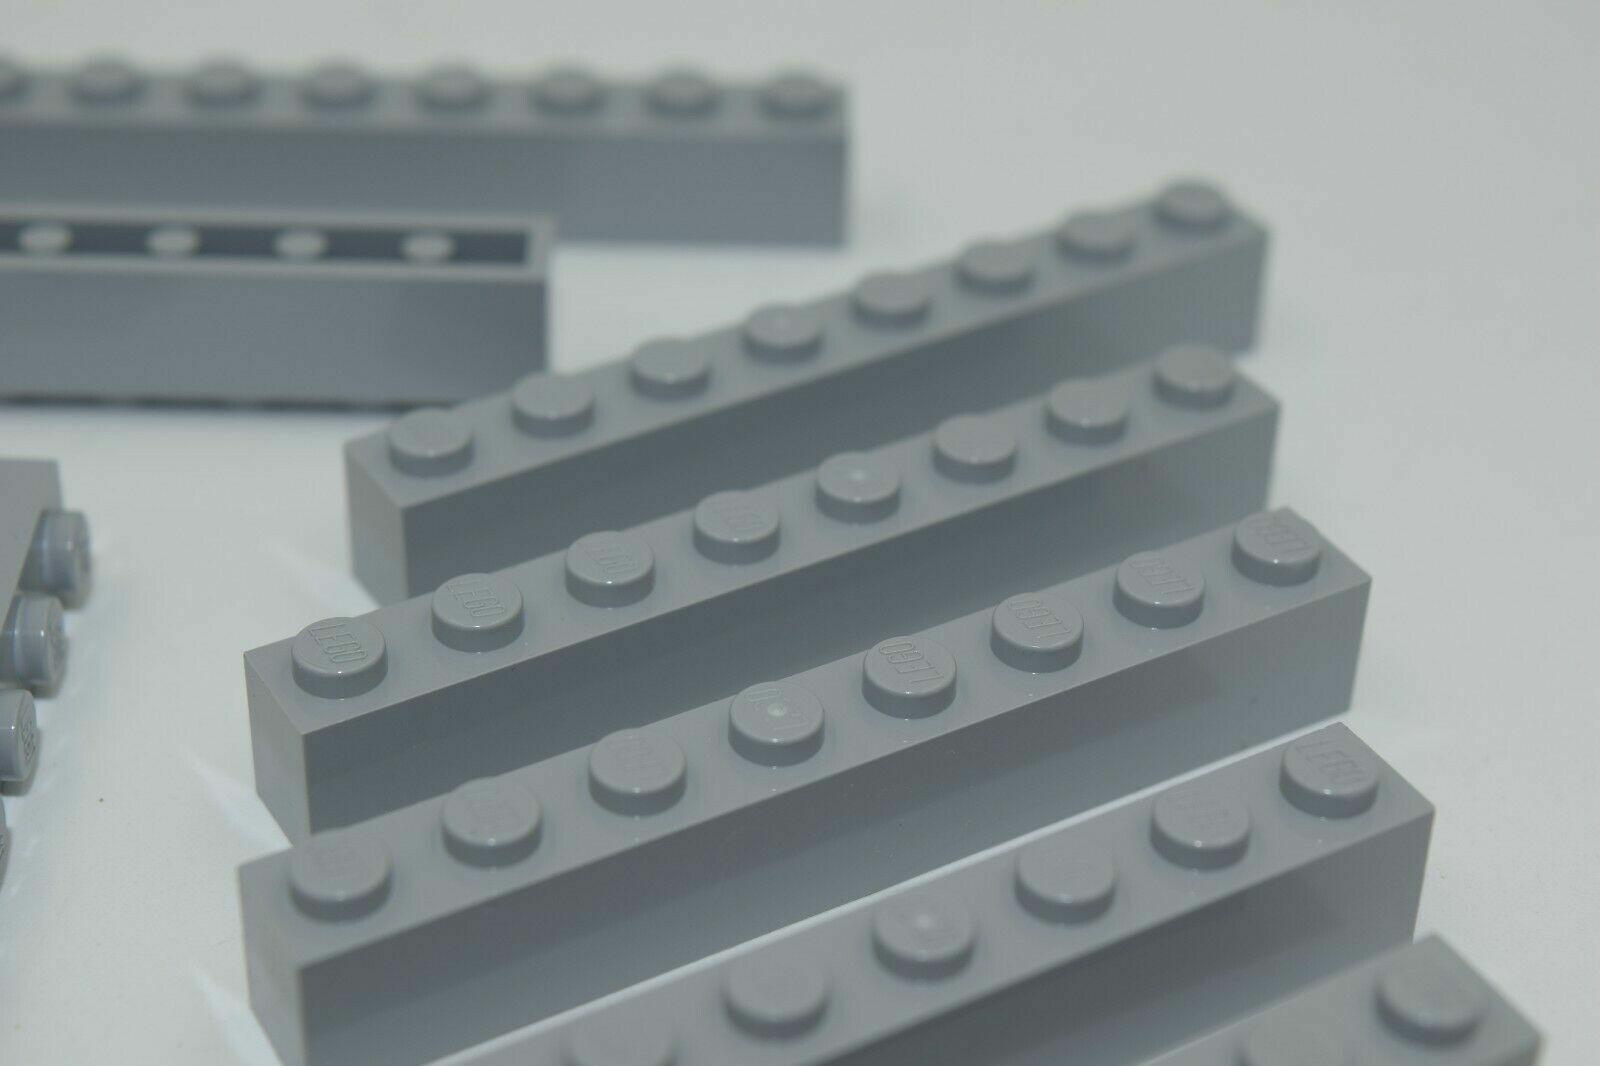 20x LEGO Stein 1x8 grau NEU hellgrau 3008 Baustein 8x1 light bluish gray